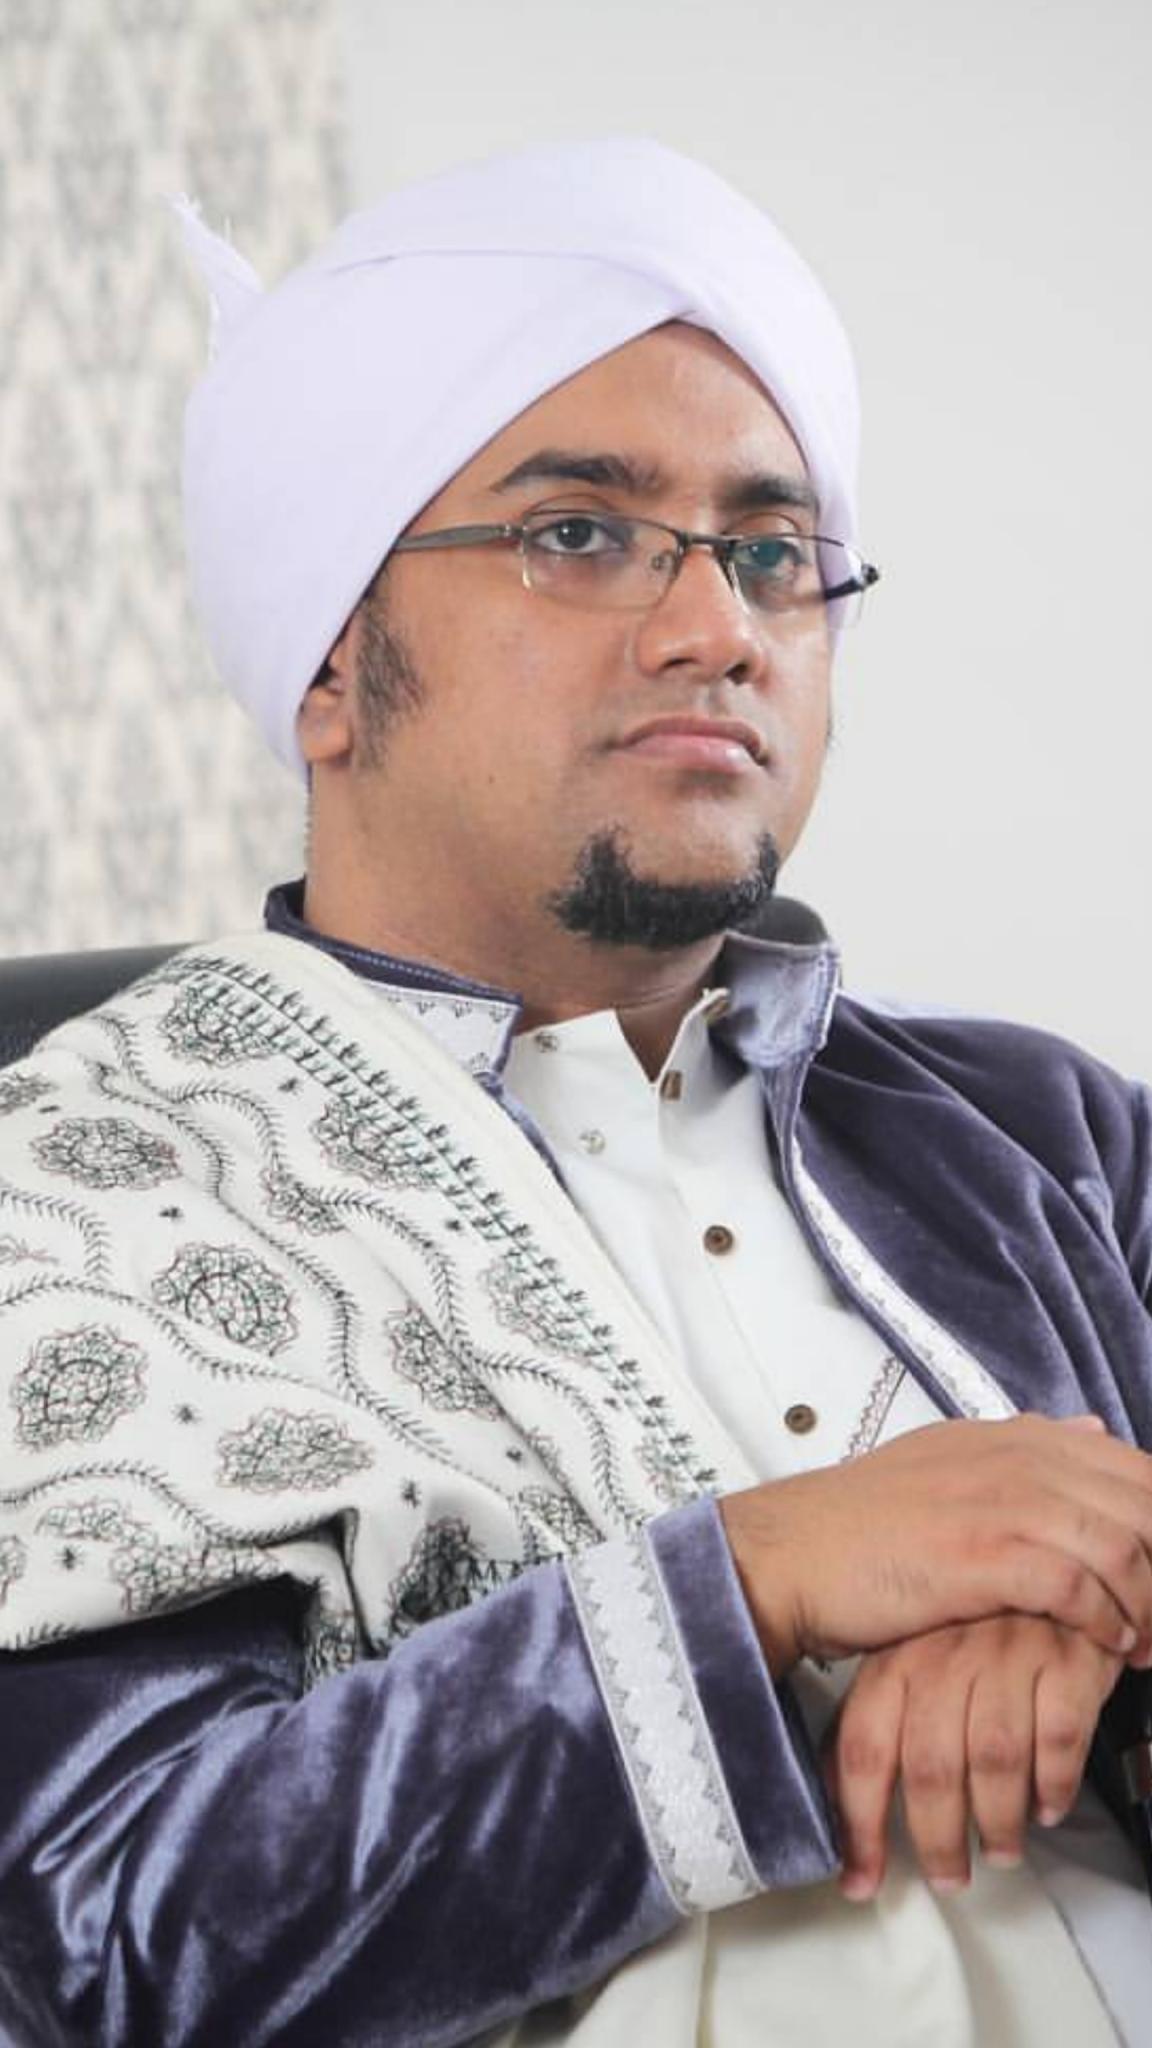 Download Wallpaper Wallpaper Habib Hasan 2702172